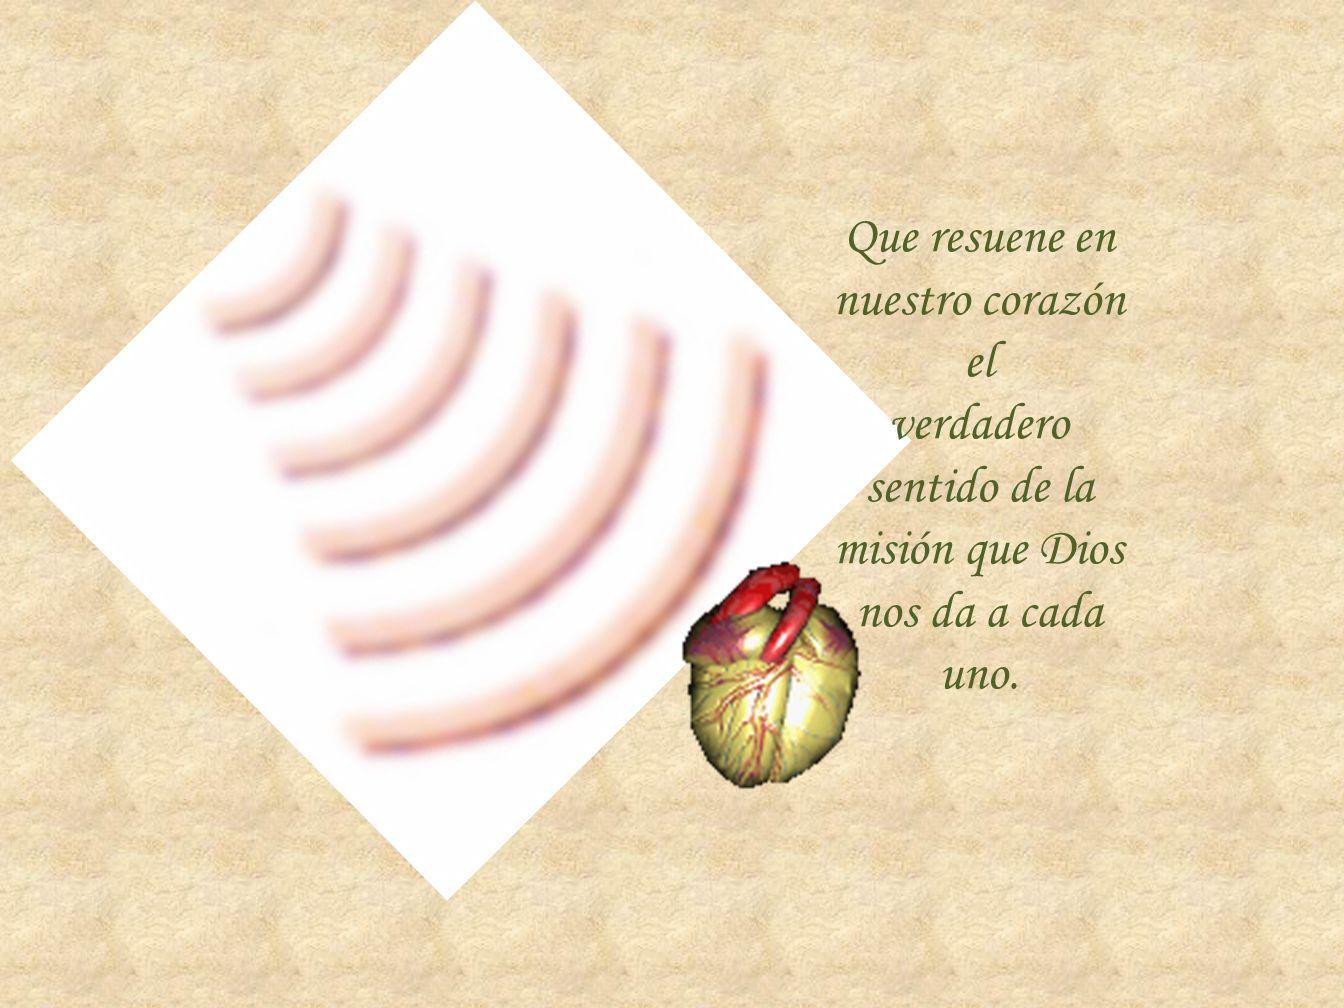 Que resuene en nuestro corazón el verdadero sentido de la misión que Dios nos da a cada uno.